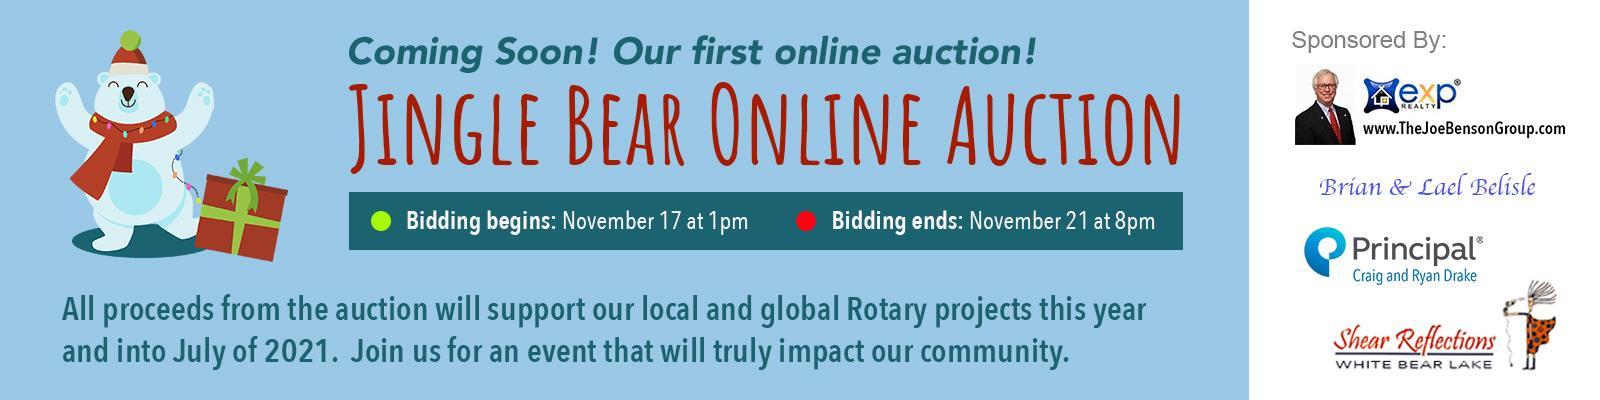 Jingle Bear Online Auction